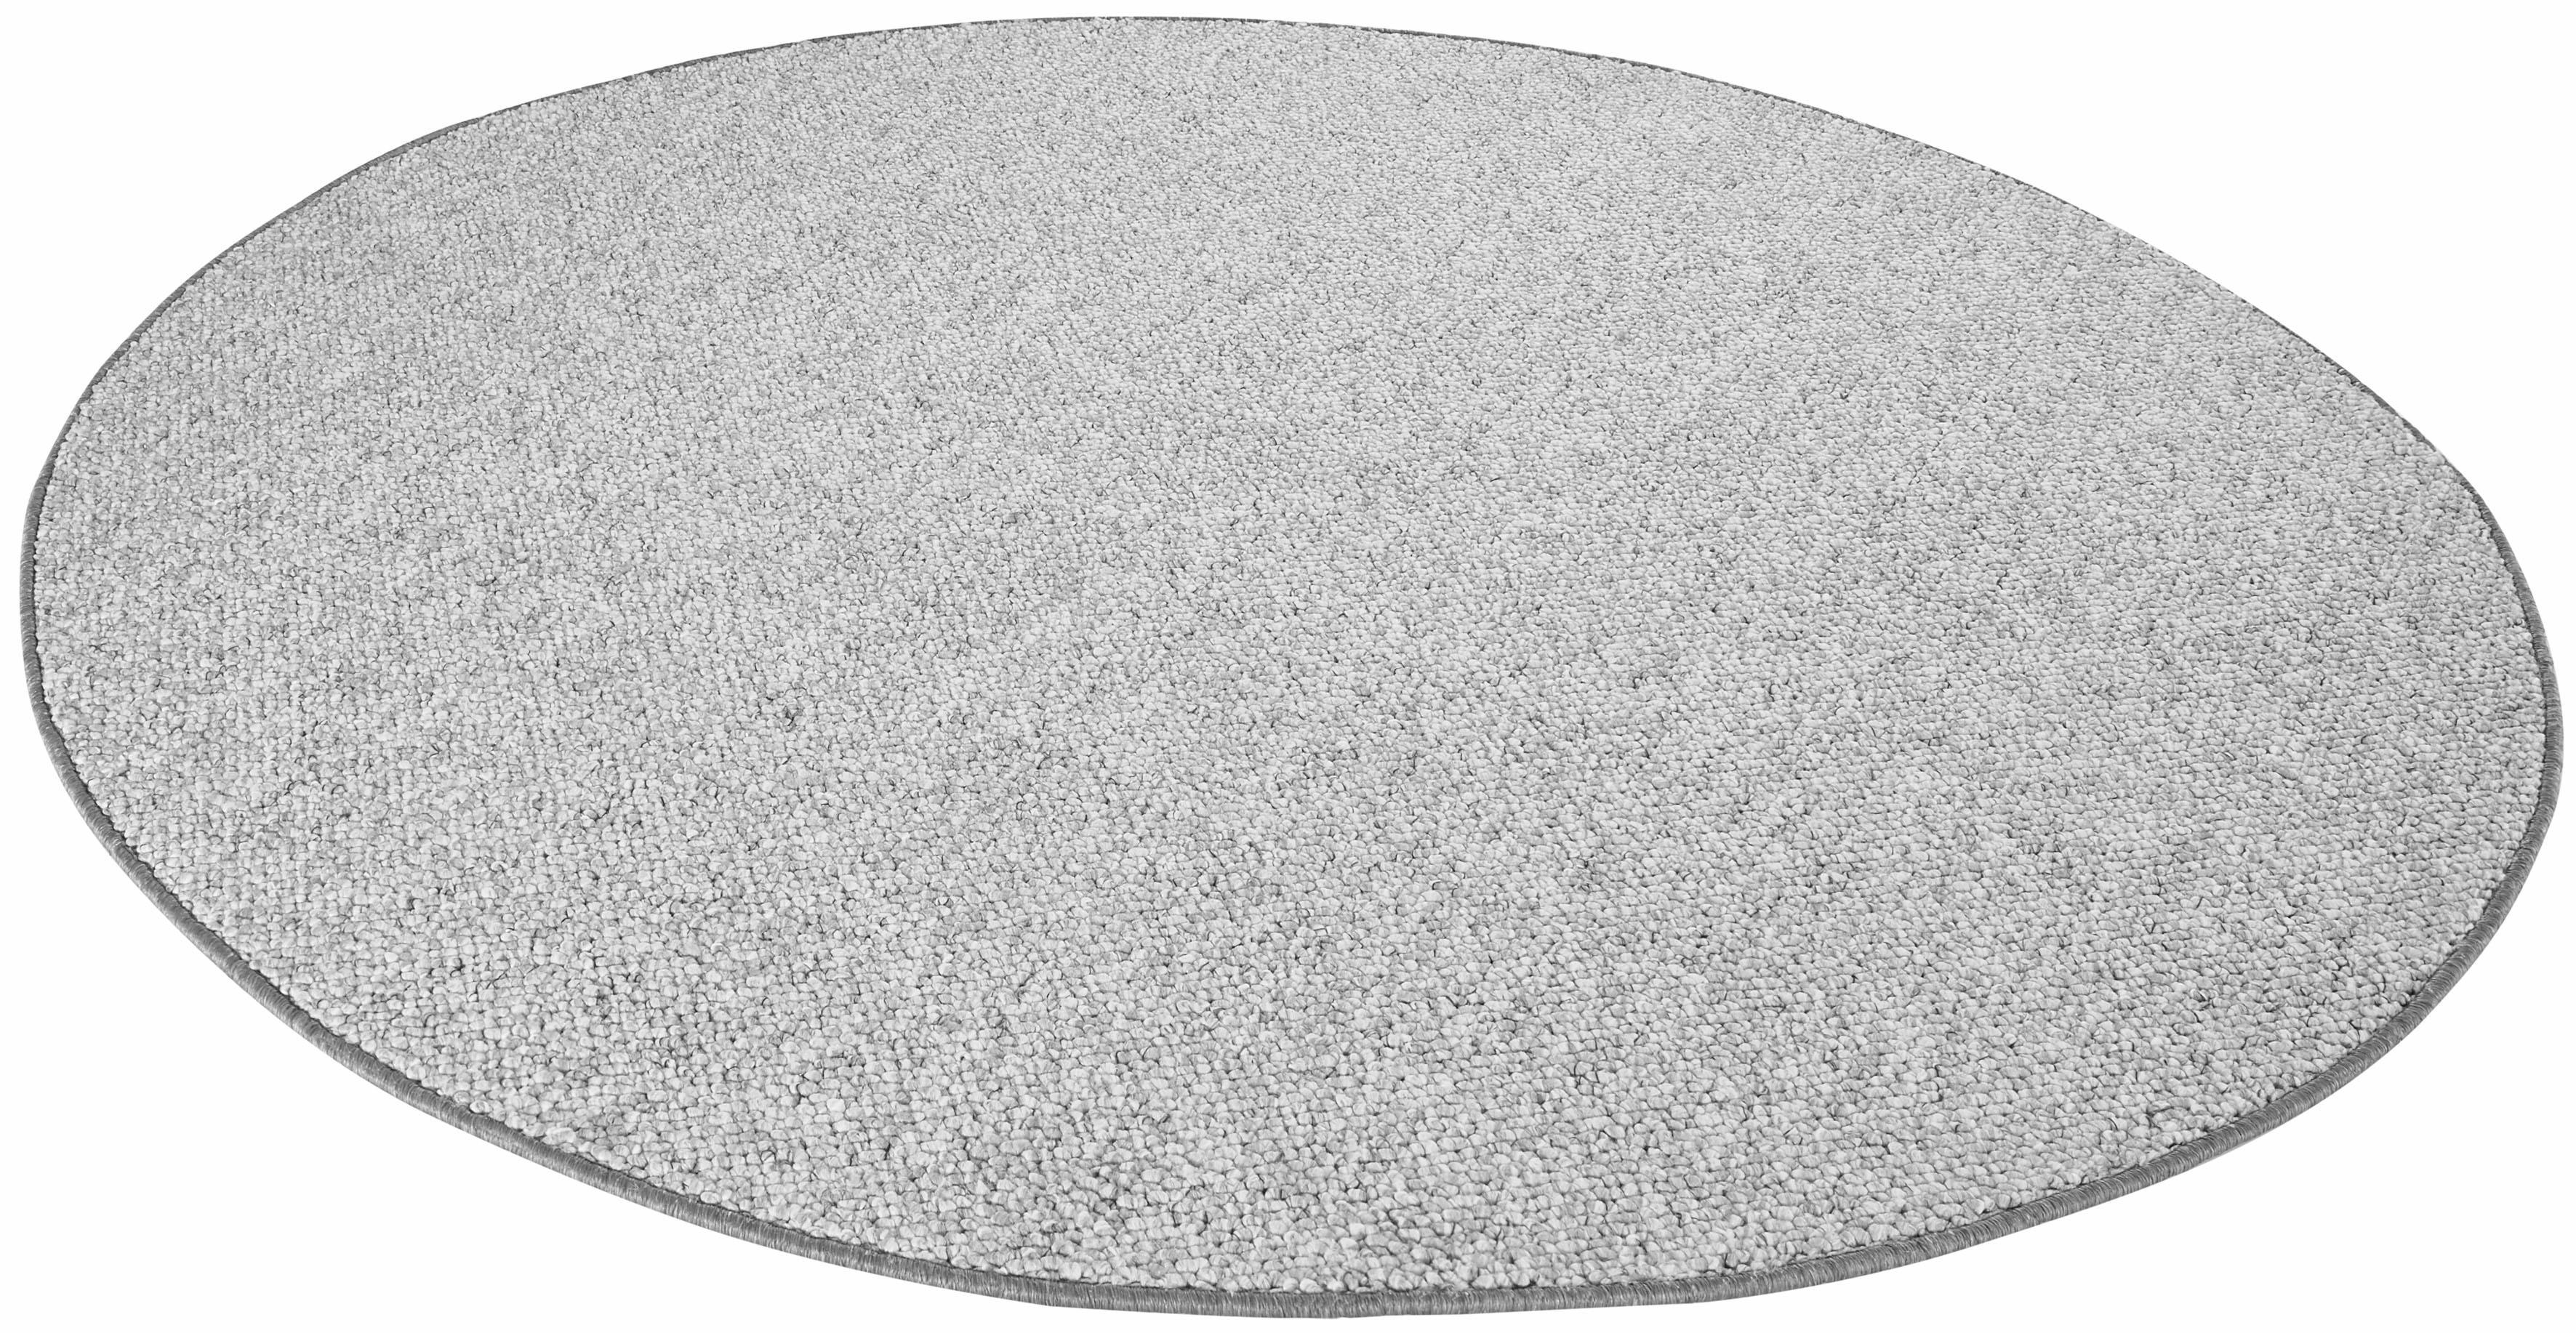 Teppich Wolly 2 BT Carpet rund Höhe 12 mm maschinell getuftet